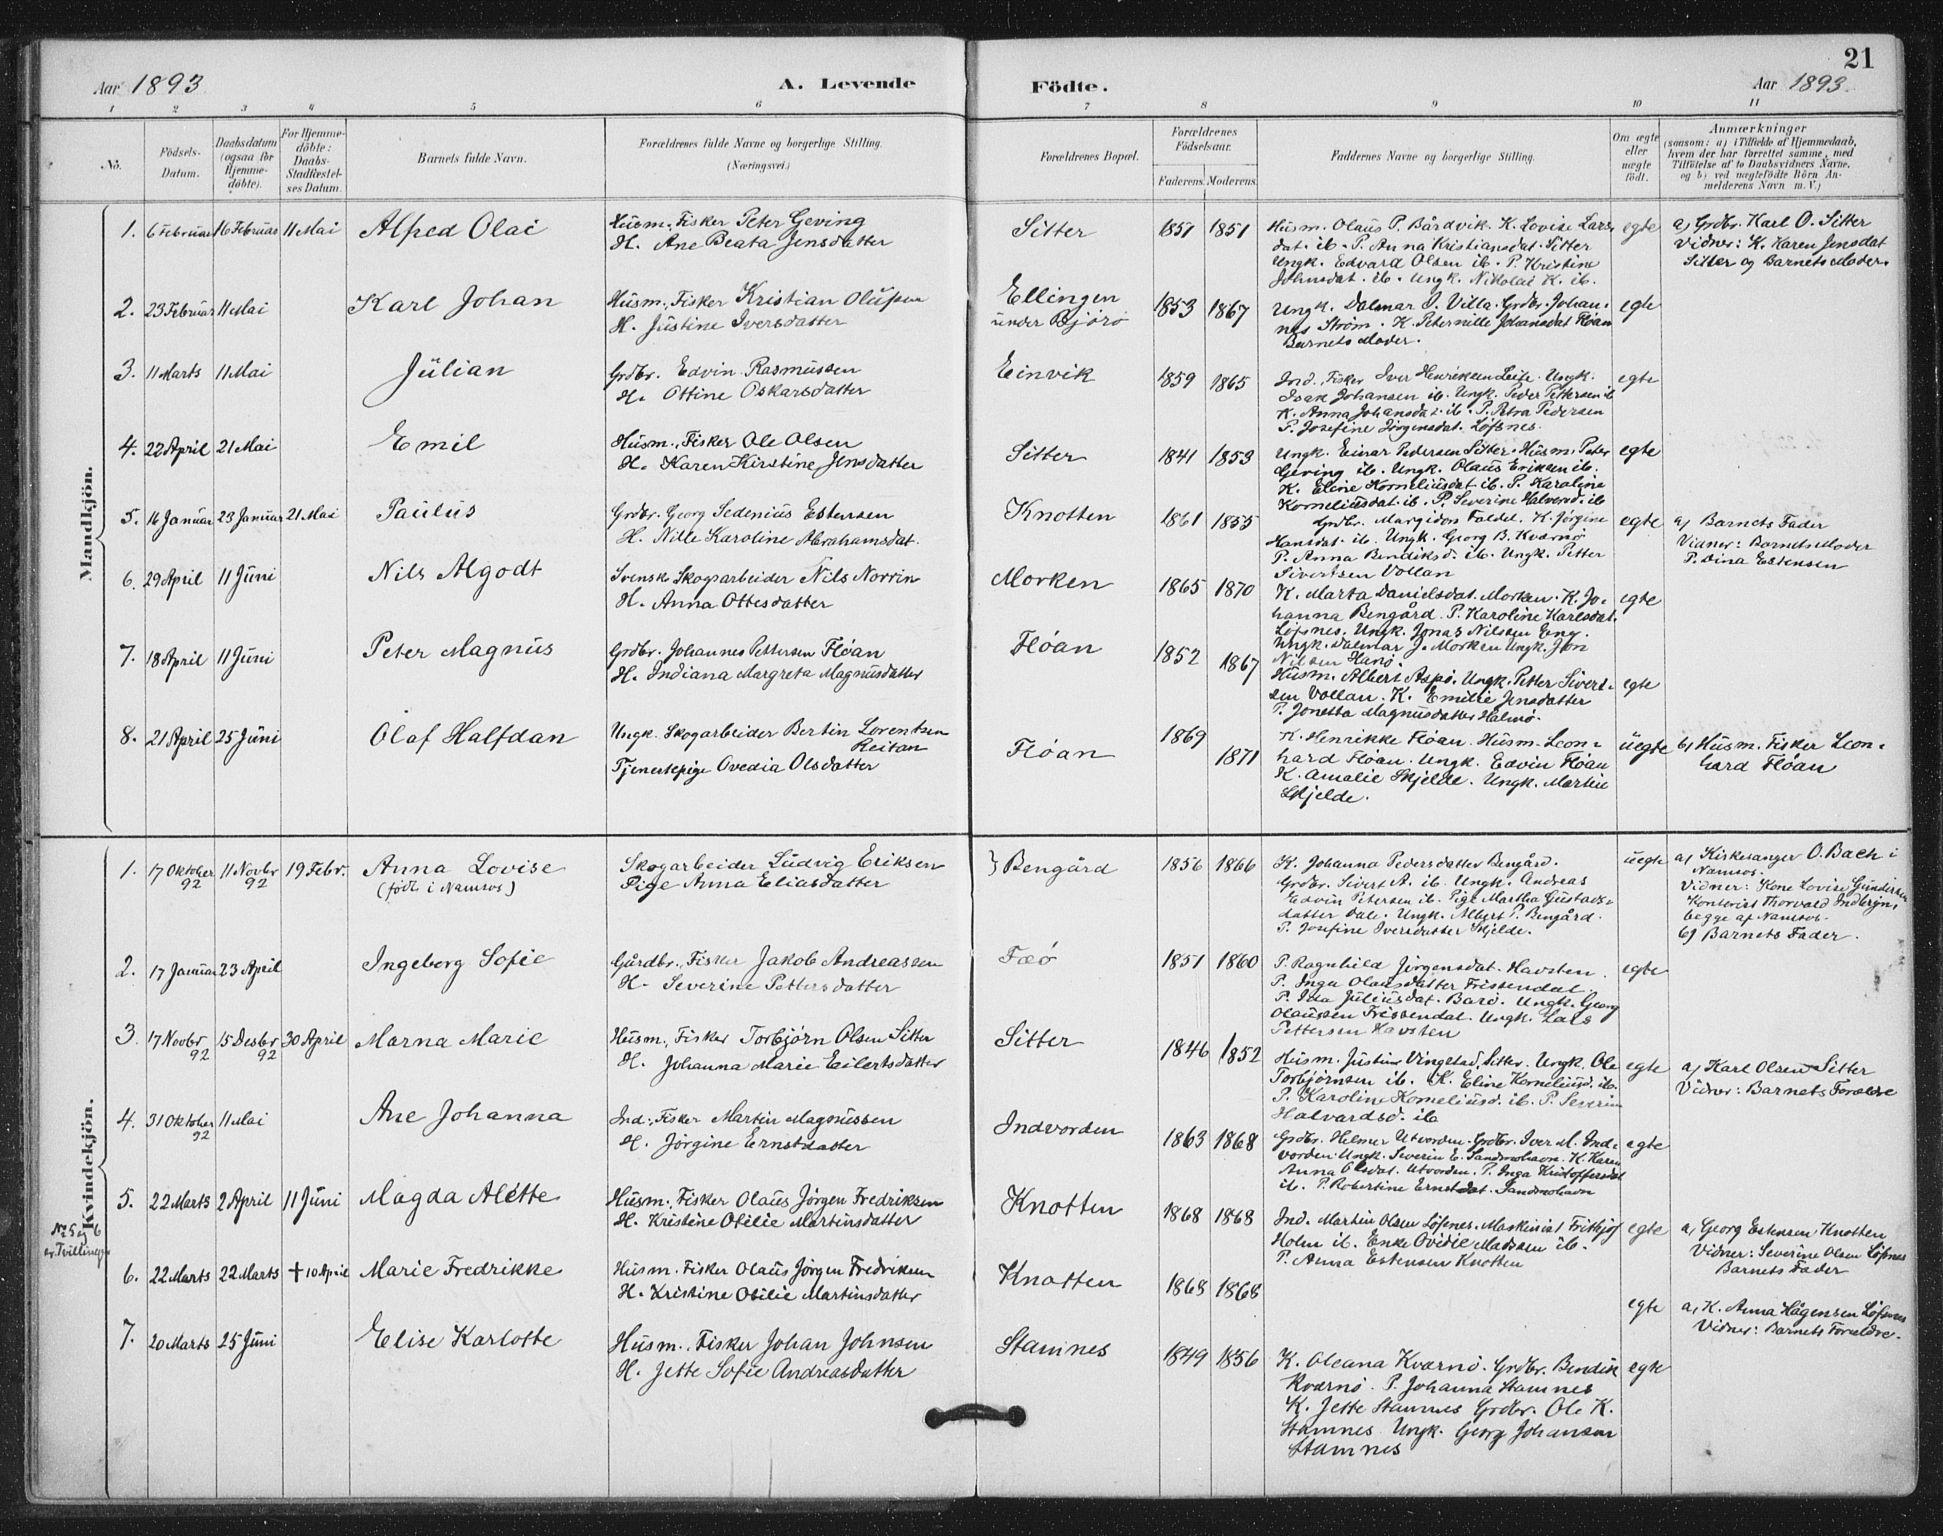 SAT, Ministerialprotokoller, klokkerbøker og fødselsregistre - Nord-Trøndelag, 772/L0603: Ministerialbok nr. 772A01, 1885-1912, s. 21